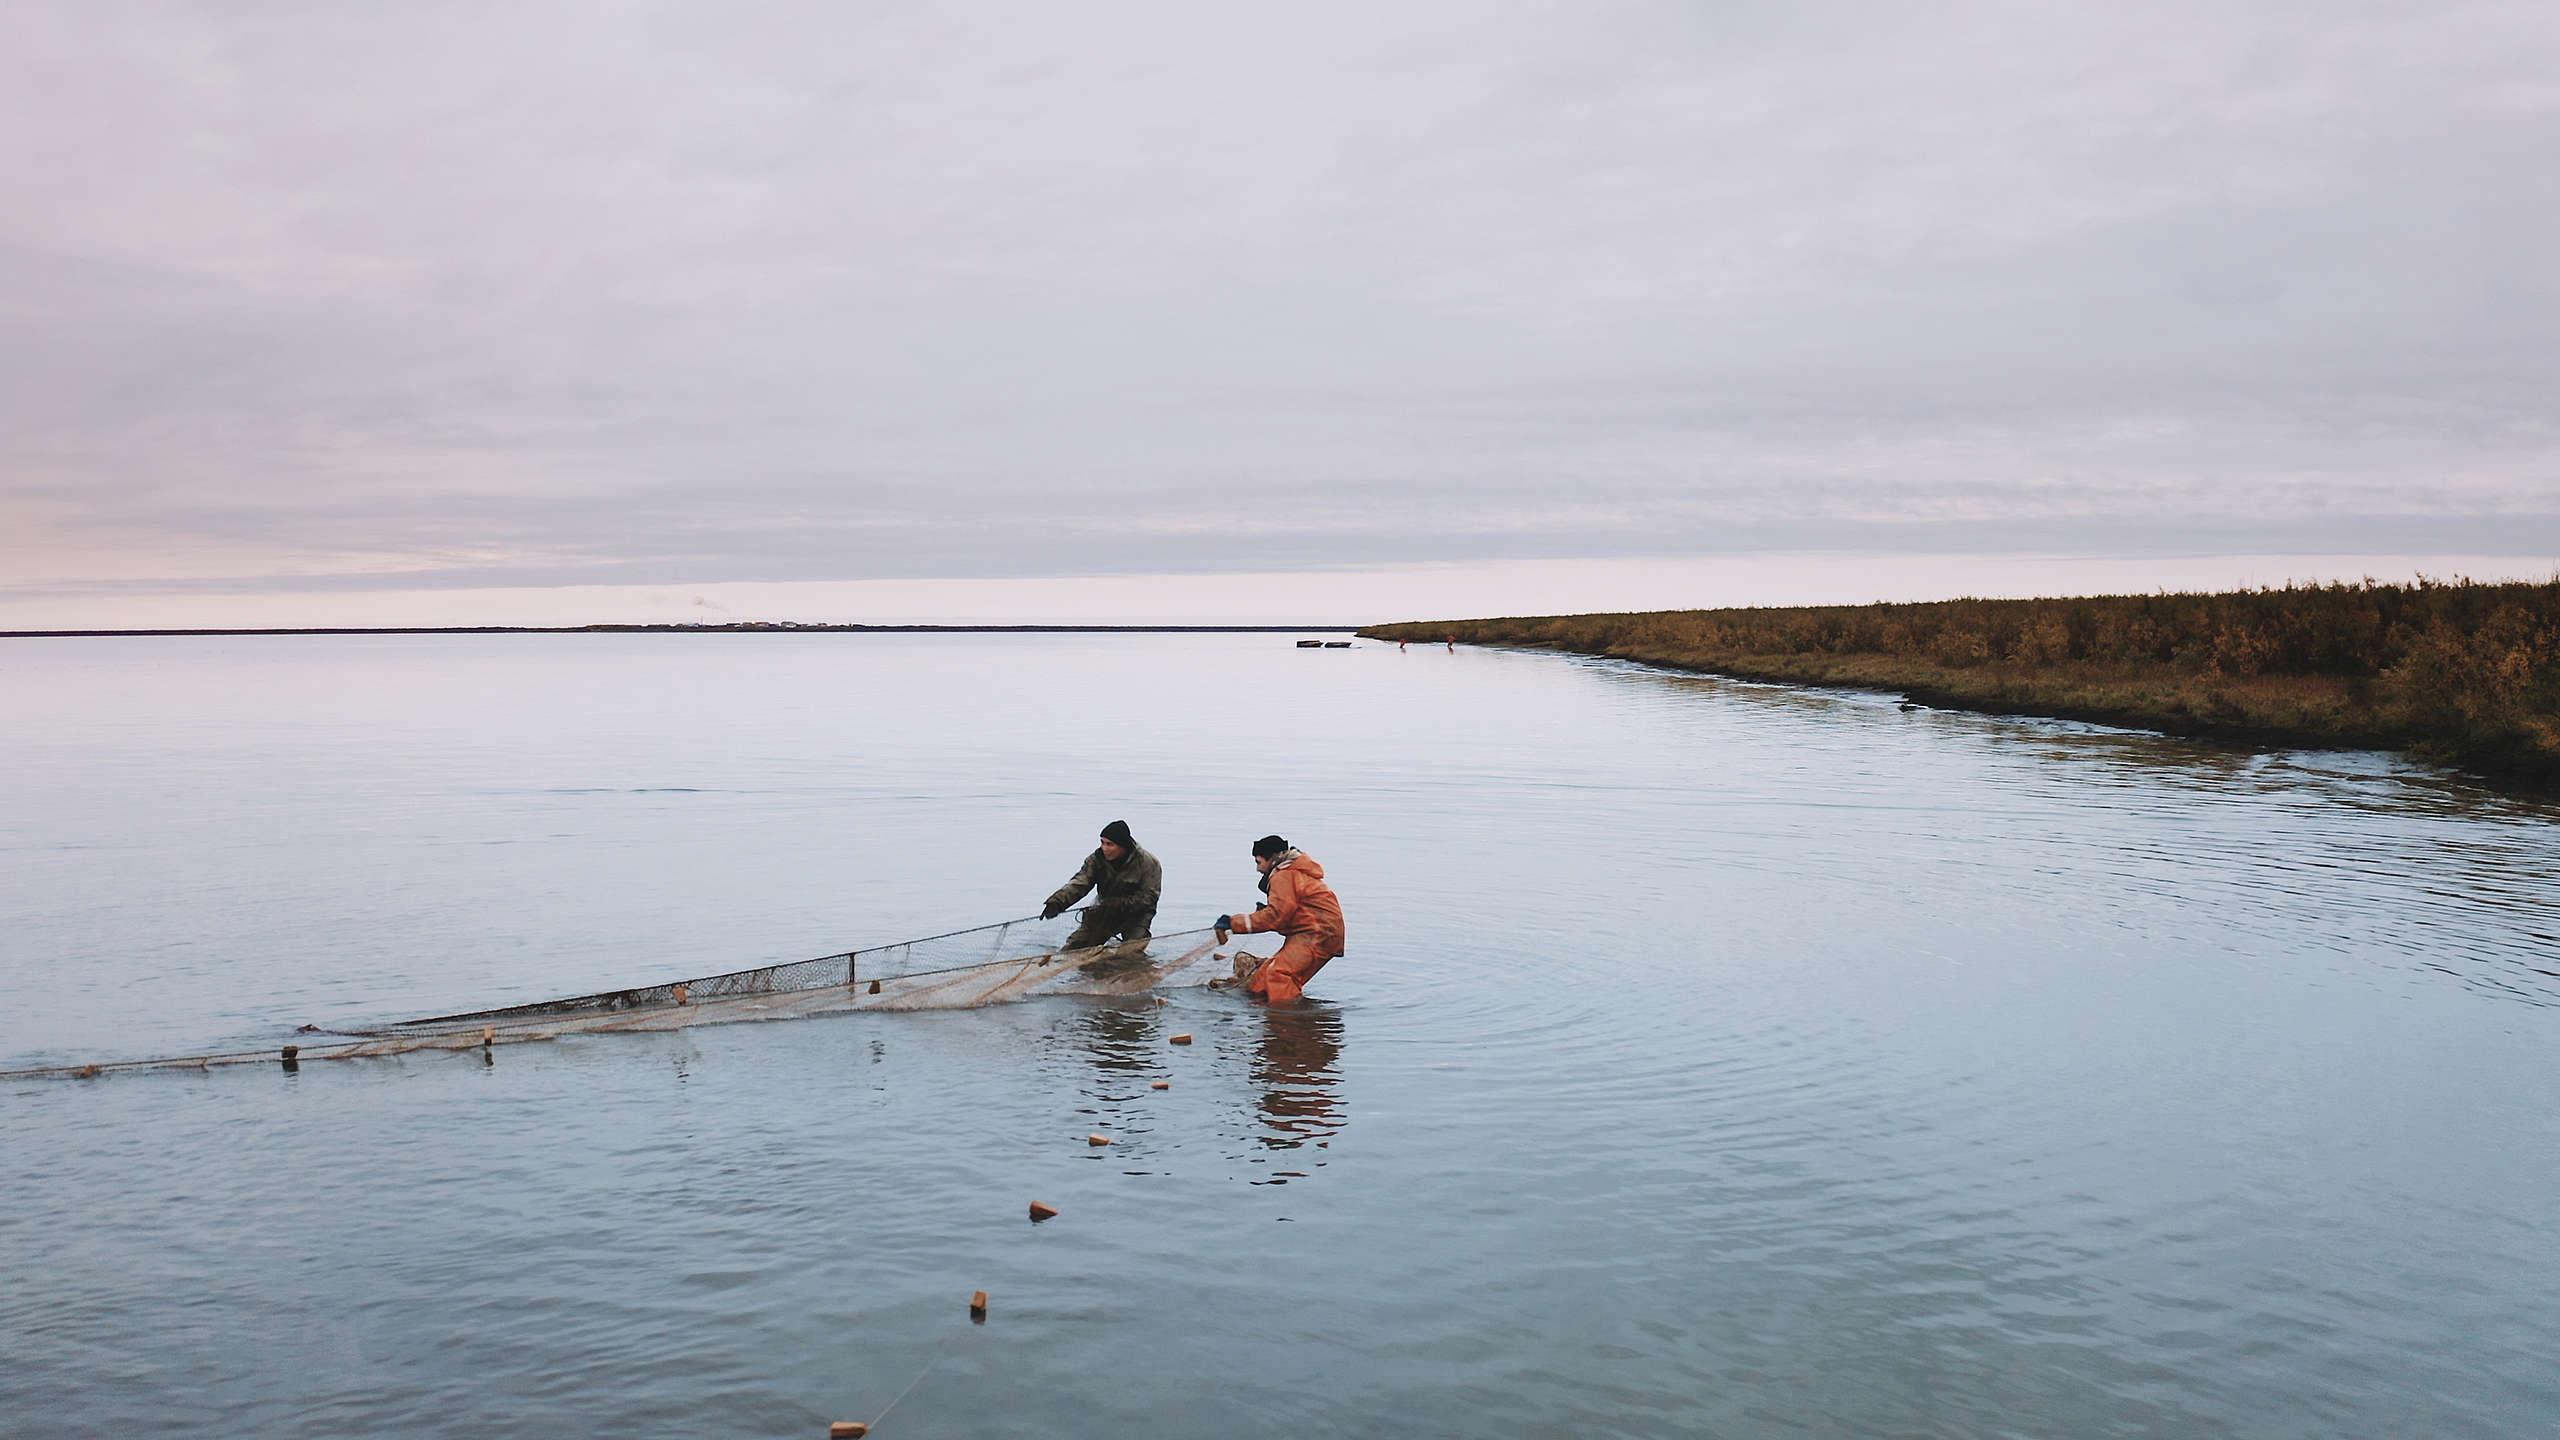 俄羅斯北極地區的波霍德斯克村(Pokhodsk),因全球暖化影響,科雷馬河水表面溫度已升高3度,如今漁獲量下降近10倍。